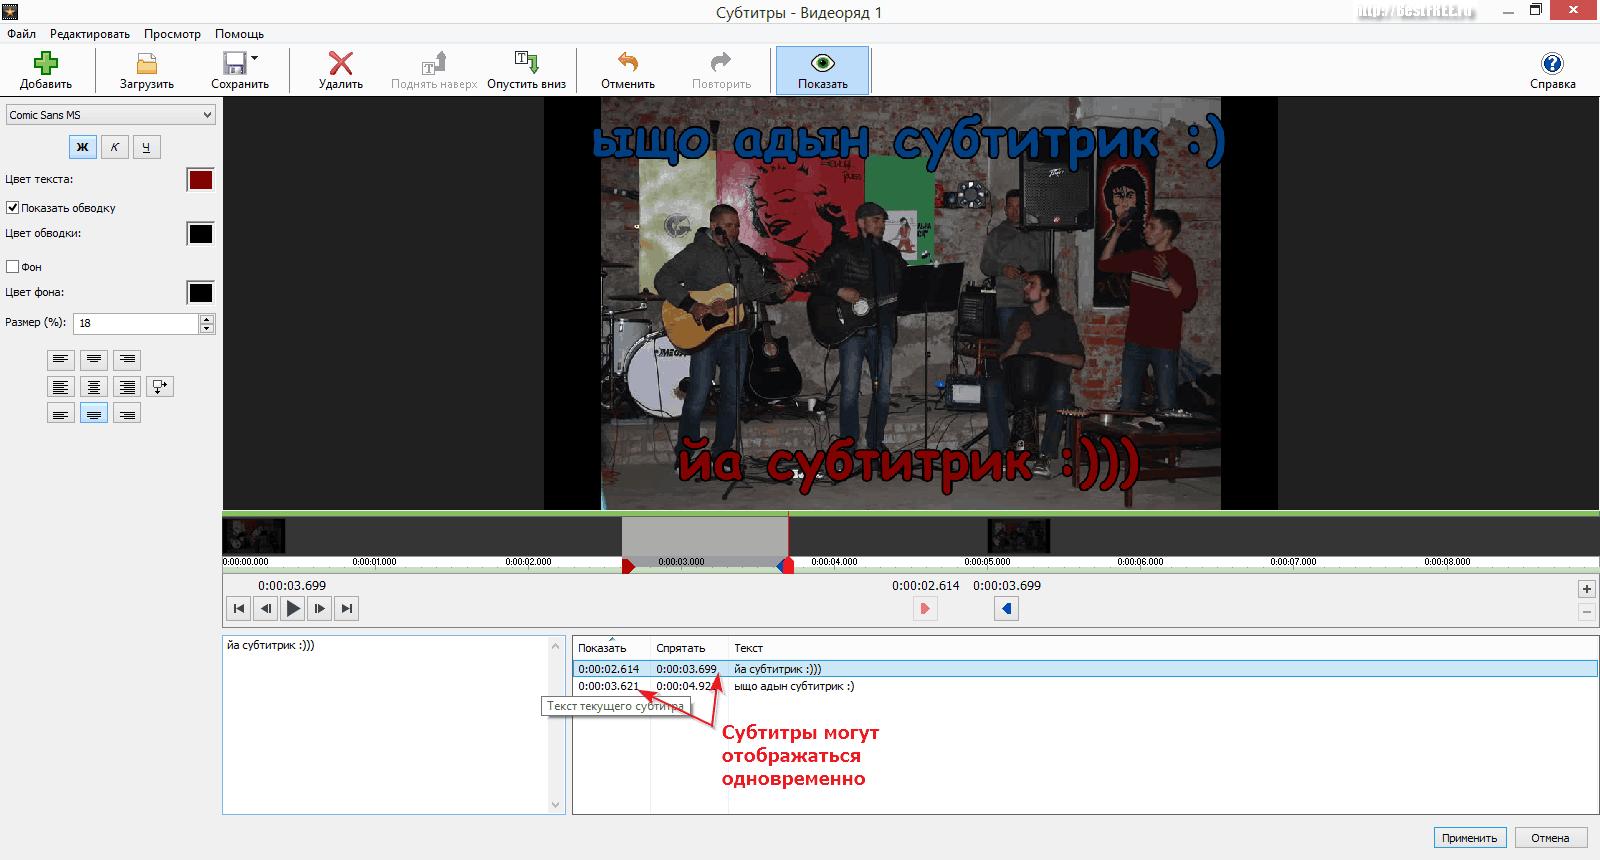 как скачать программу навител для навигатора бесплатно видео